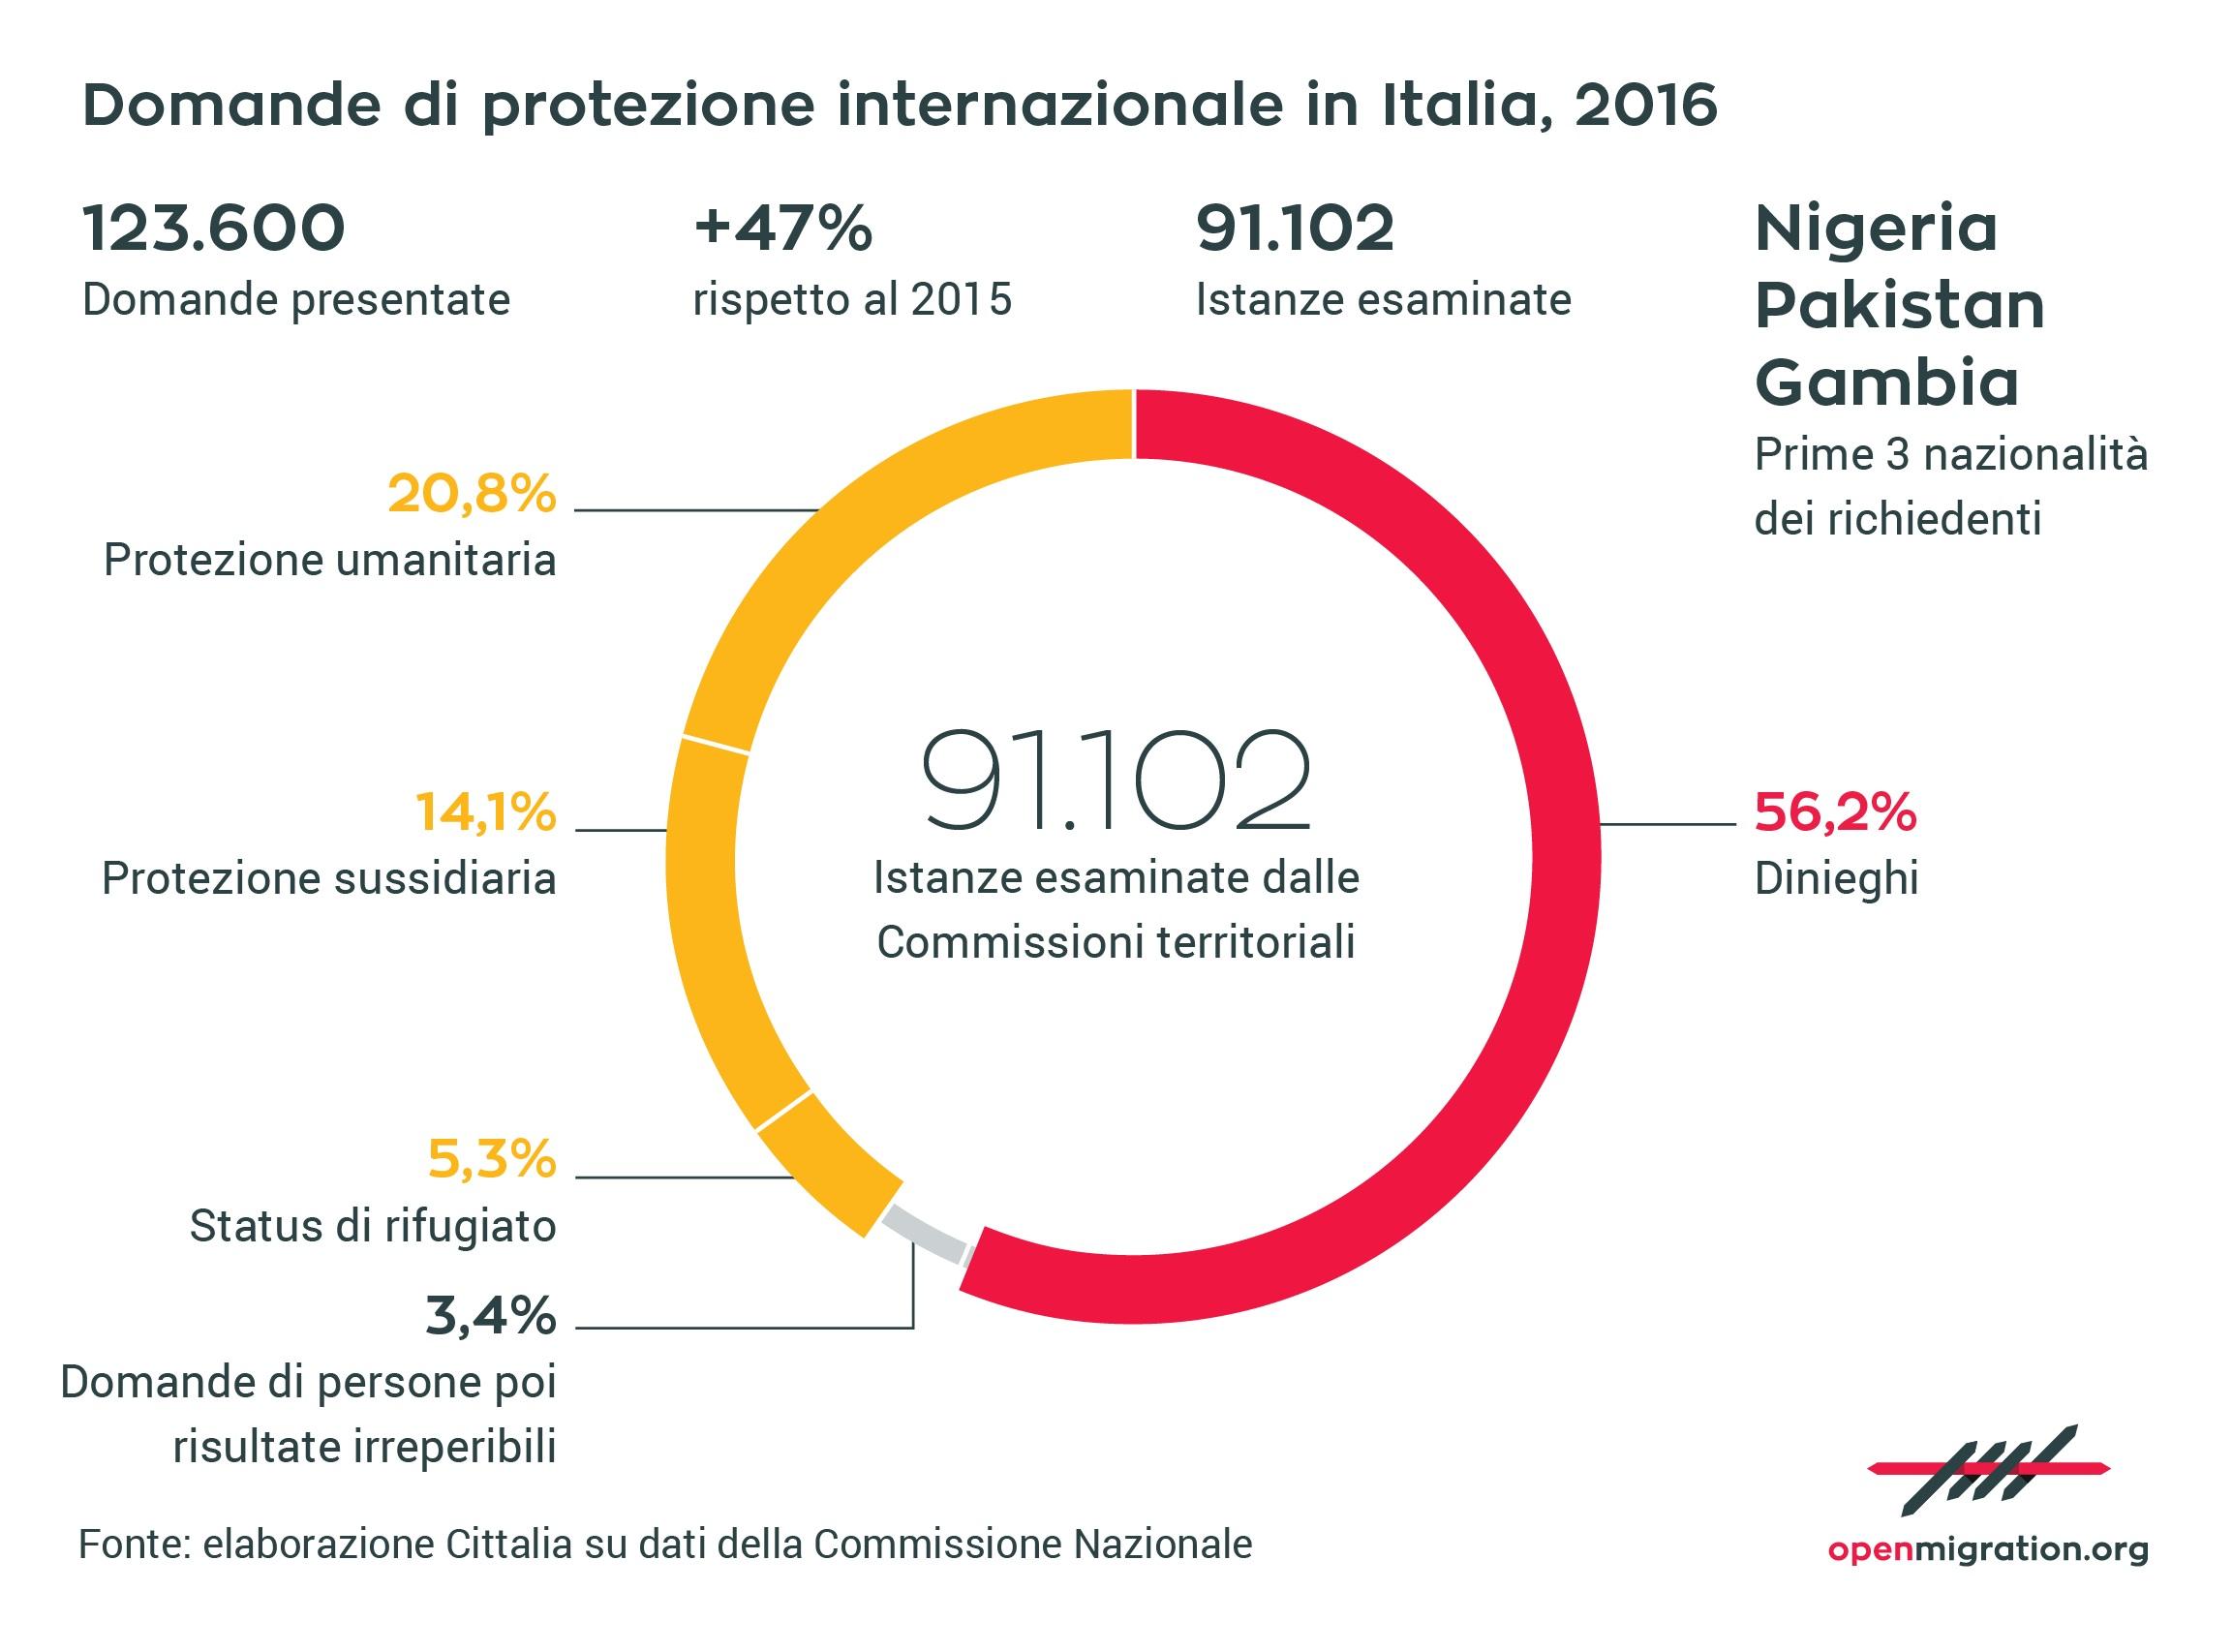 Domande di protezione internazionale in Italia, 2016